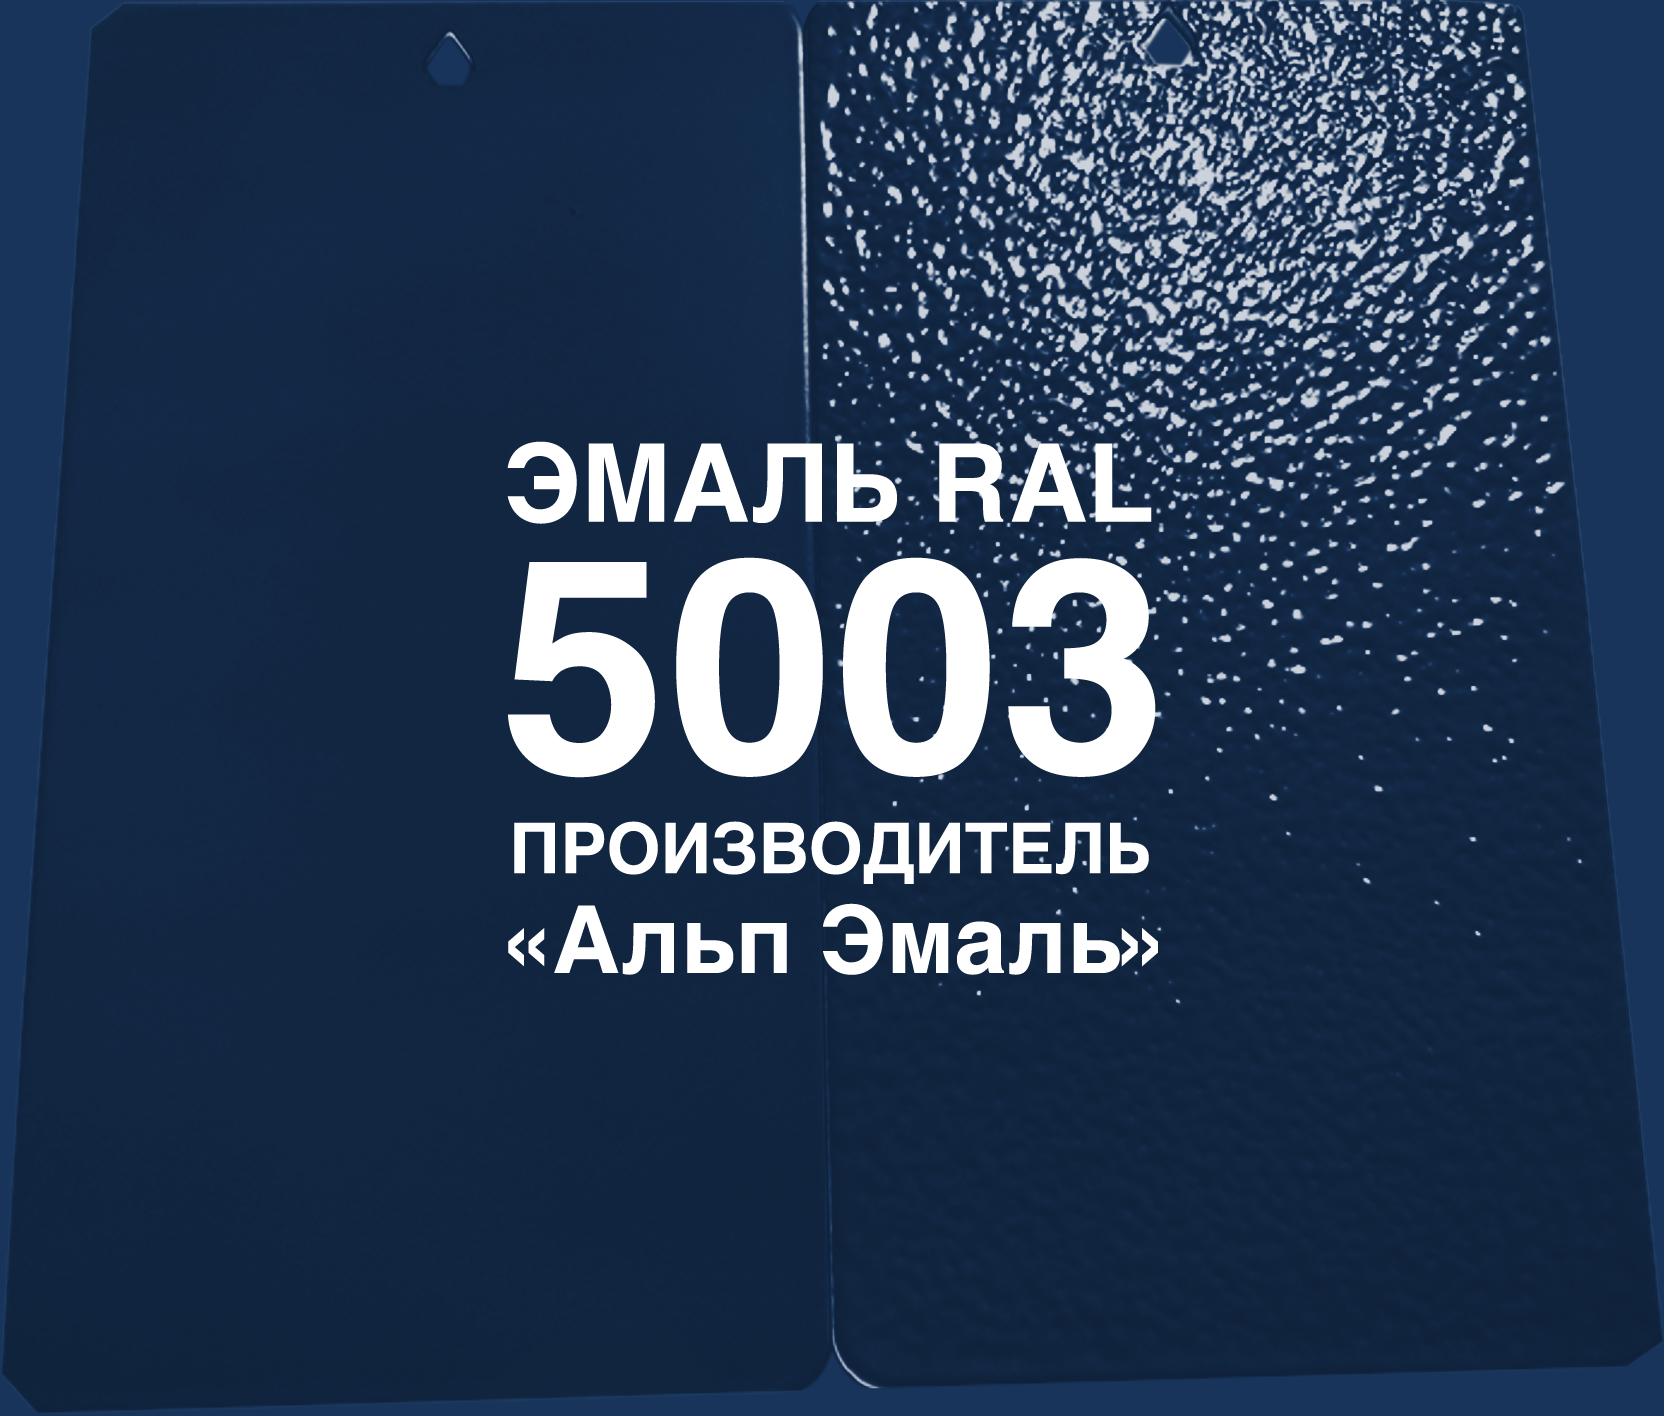 Краска эмаль RAL 5003 синяя ЗАО Альп Эмаль